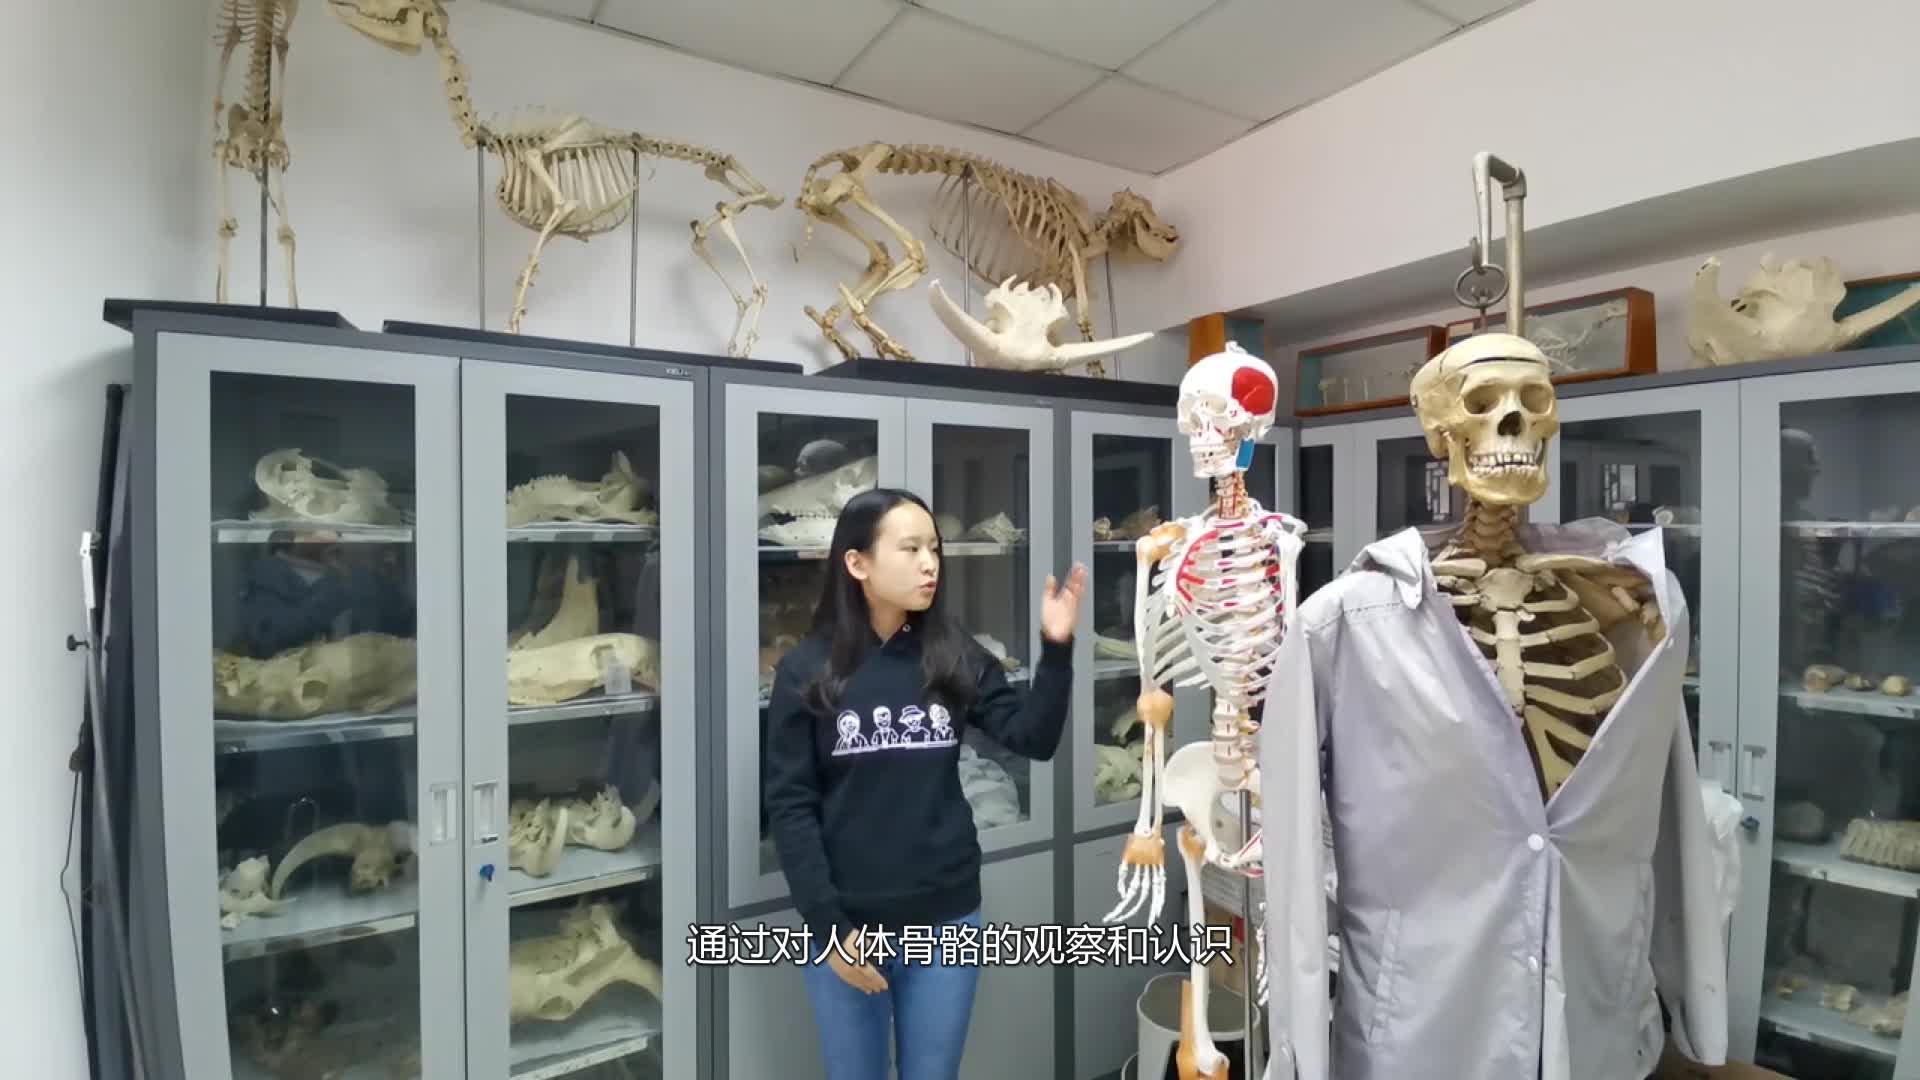 01 北京大学 考古学专业  胡好玥